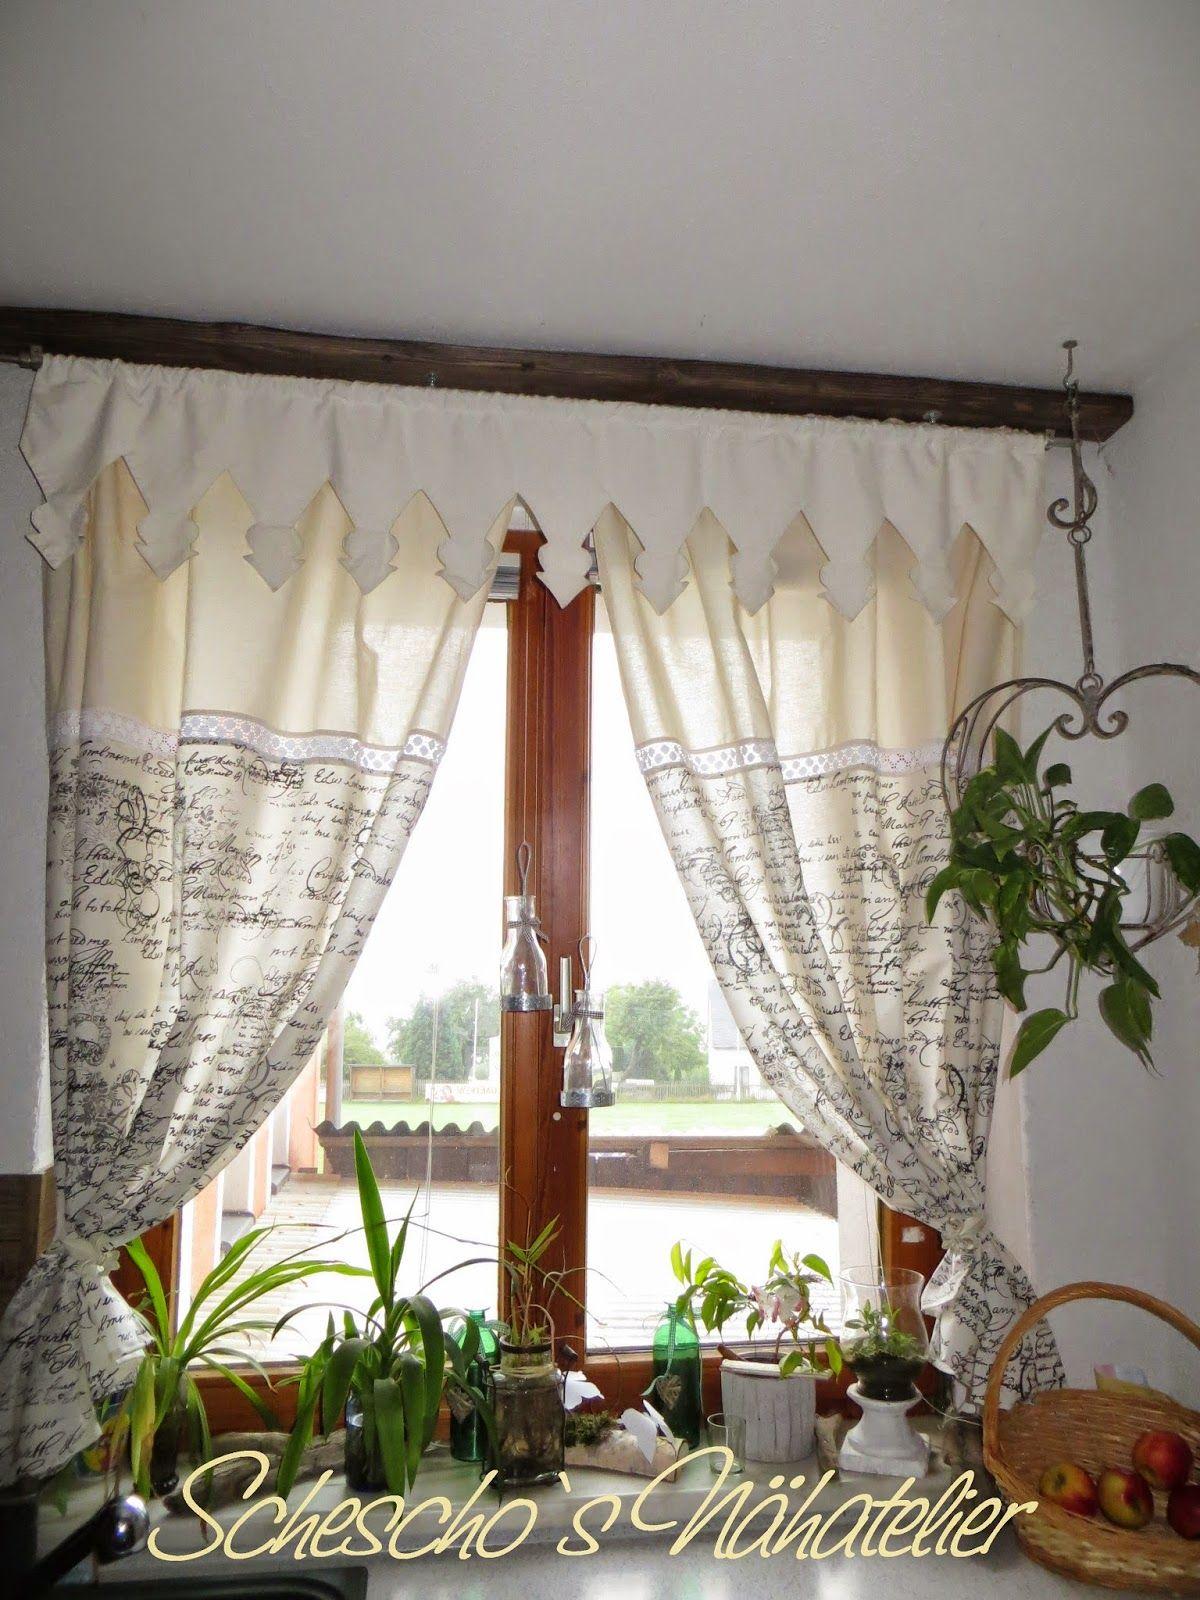 Full Size of Landhaus Gardine Landhausstil Küche Fenster Landhausküche Bett Sofa Weiß Wohnzimmer Regal Schlafzimmer Moderne Wohnzimmer Küchengardinen Landhaus